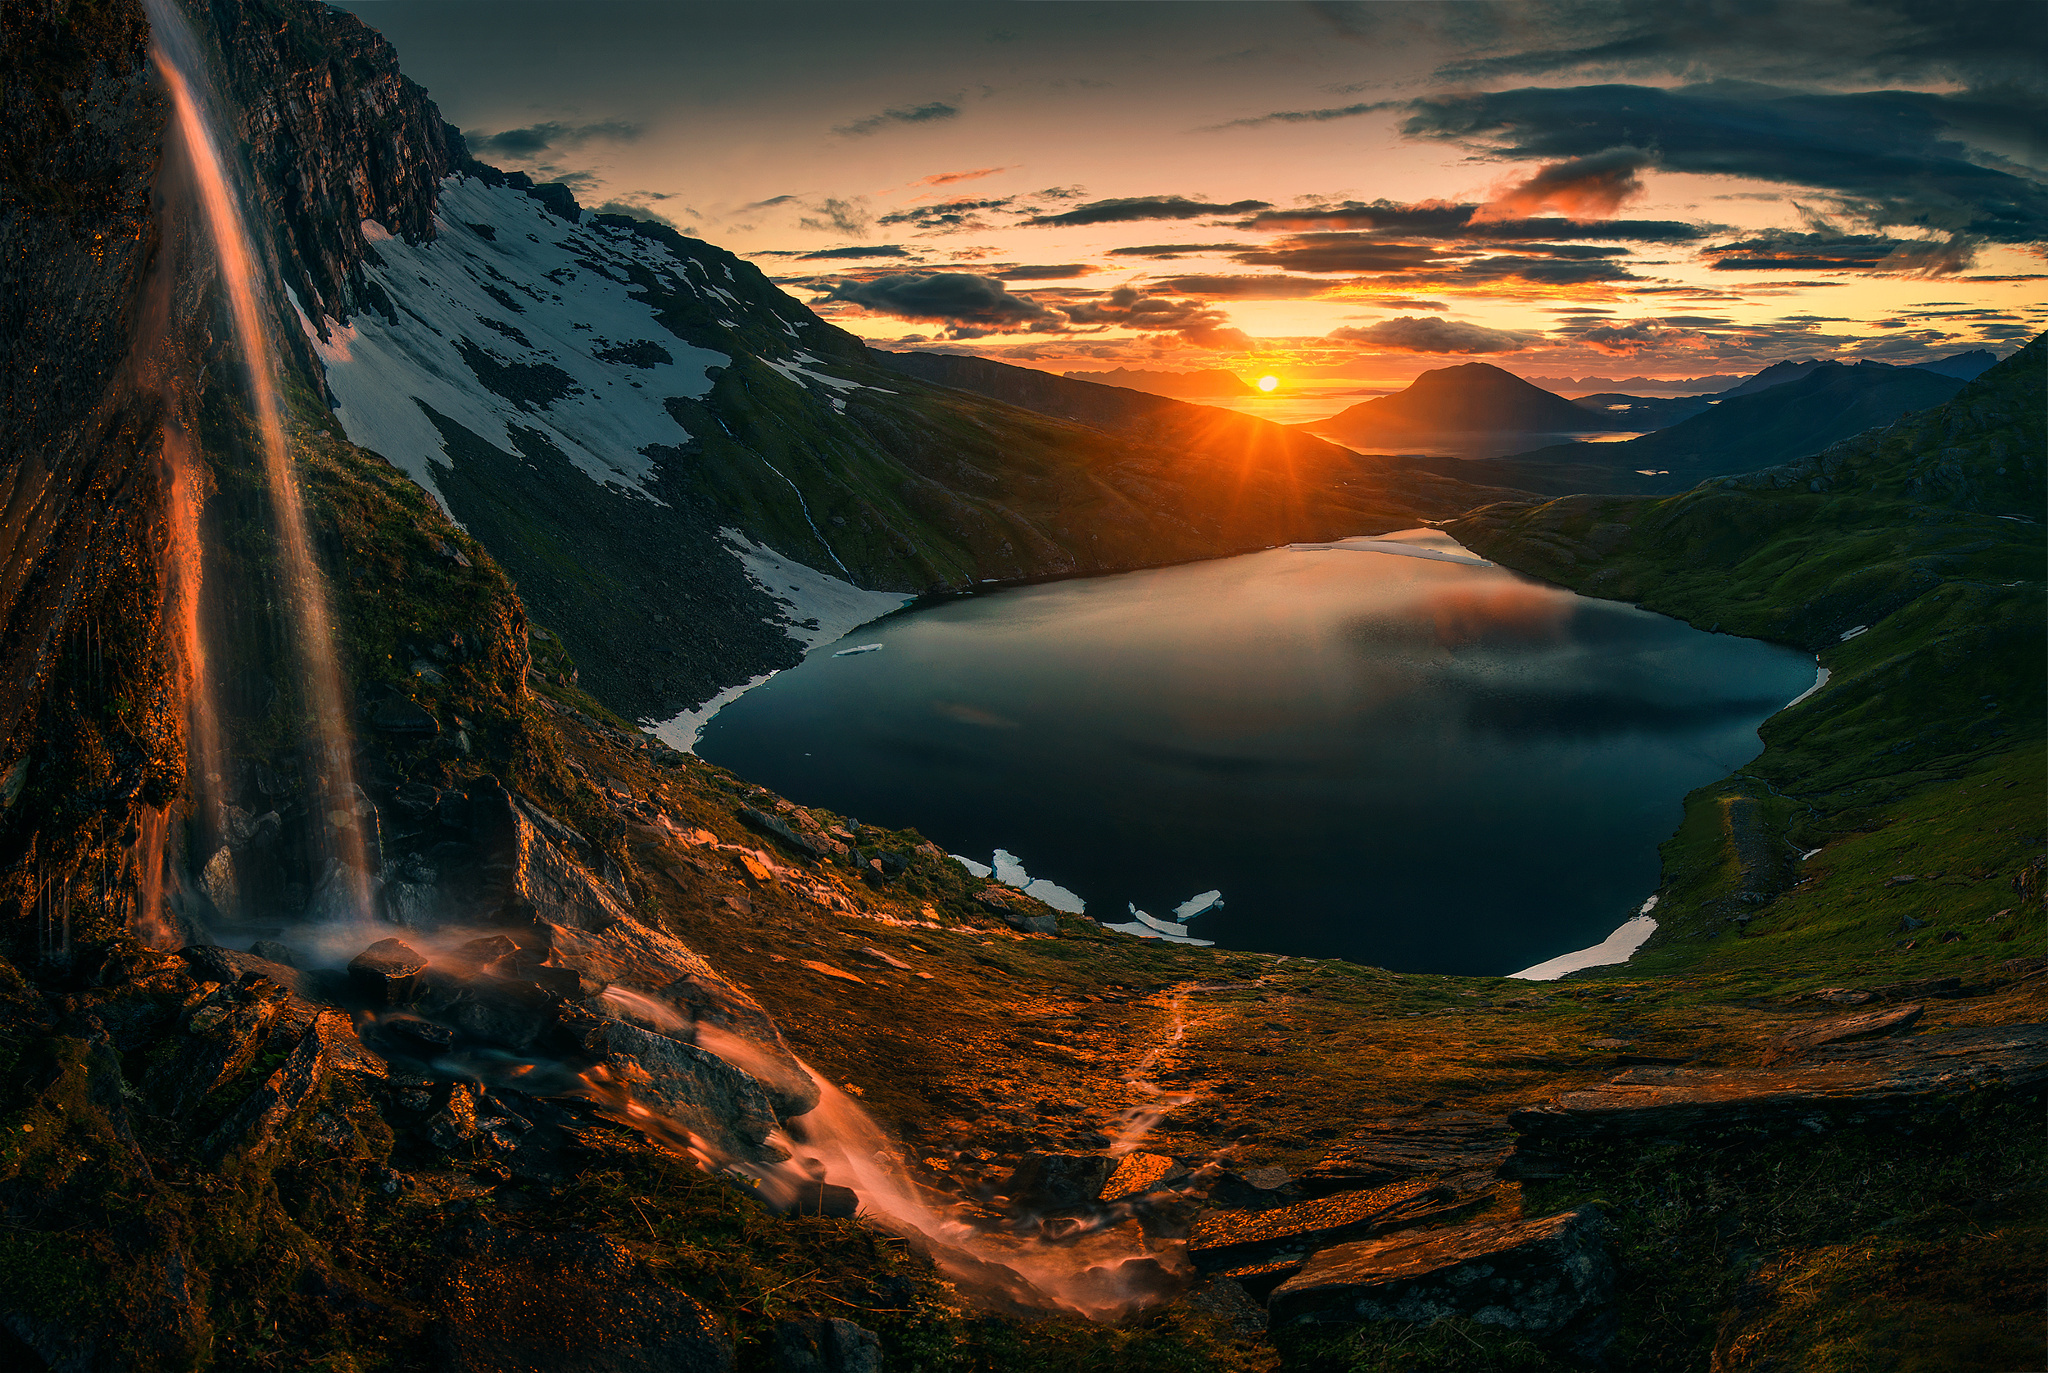 лучшие пейзажи мира фото в высоком качестве погодой, неофициальные